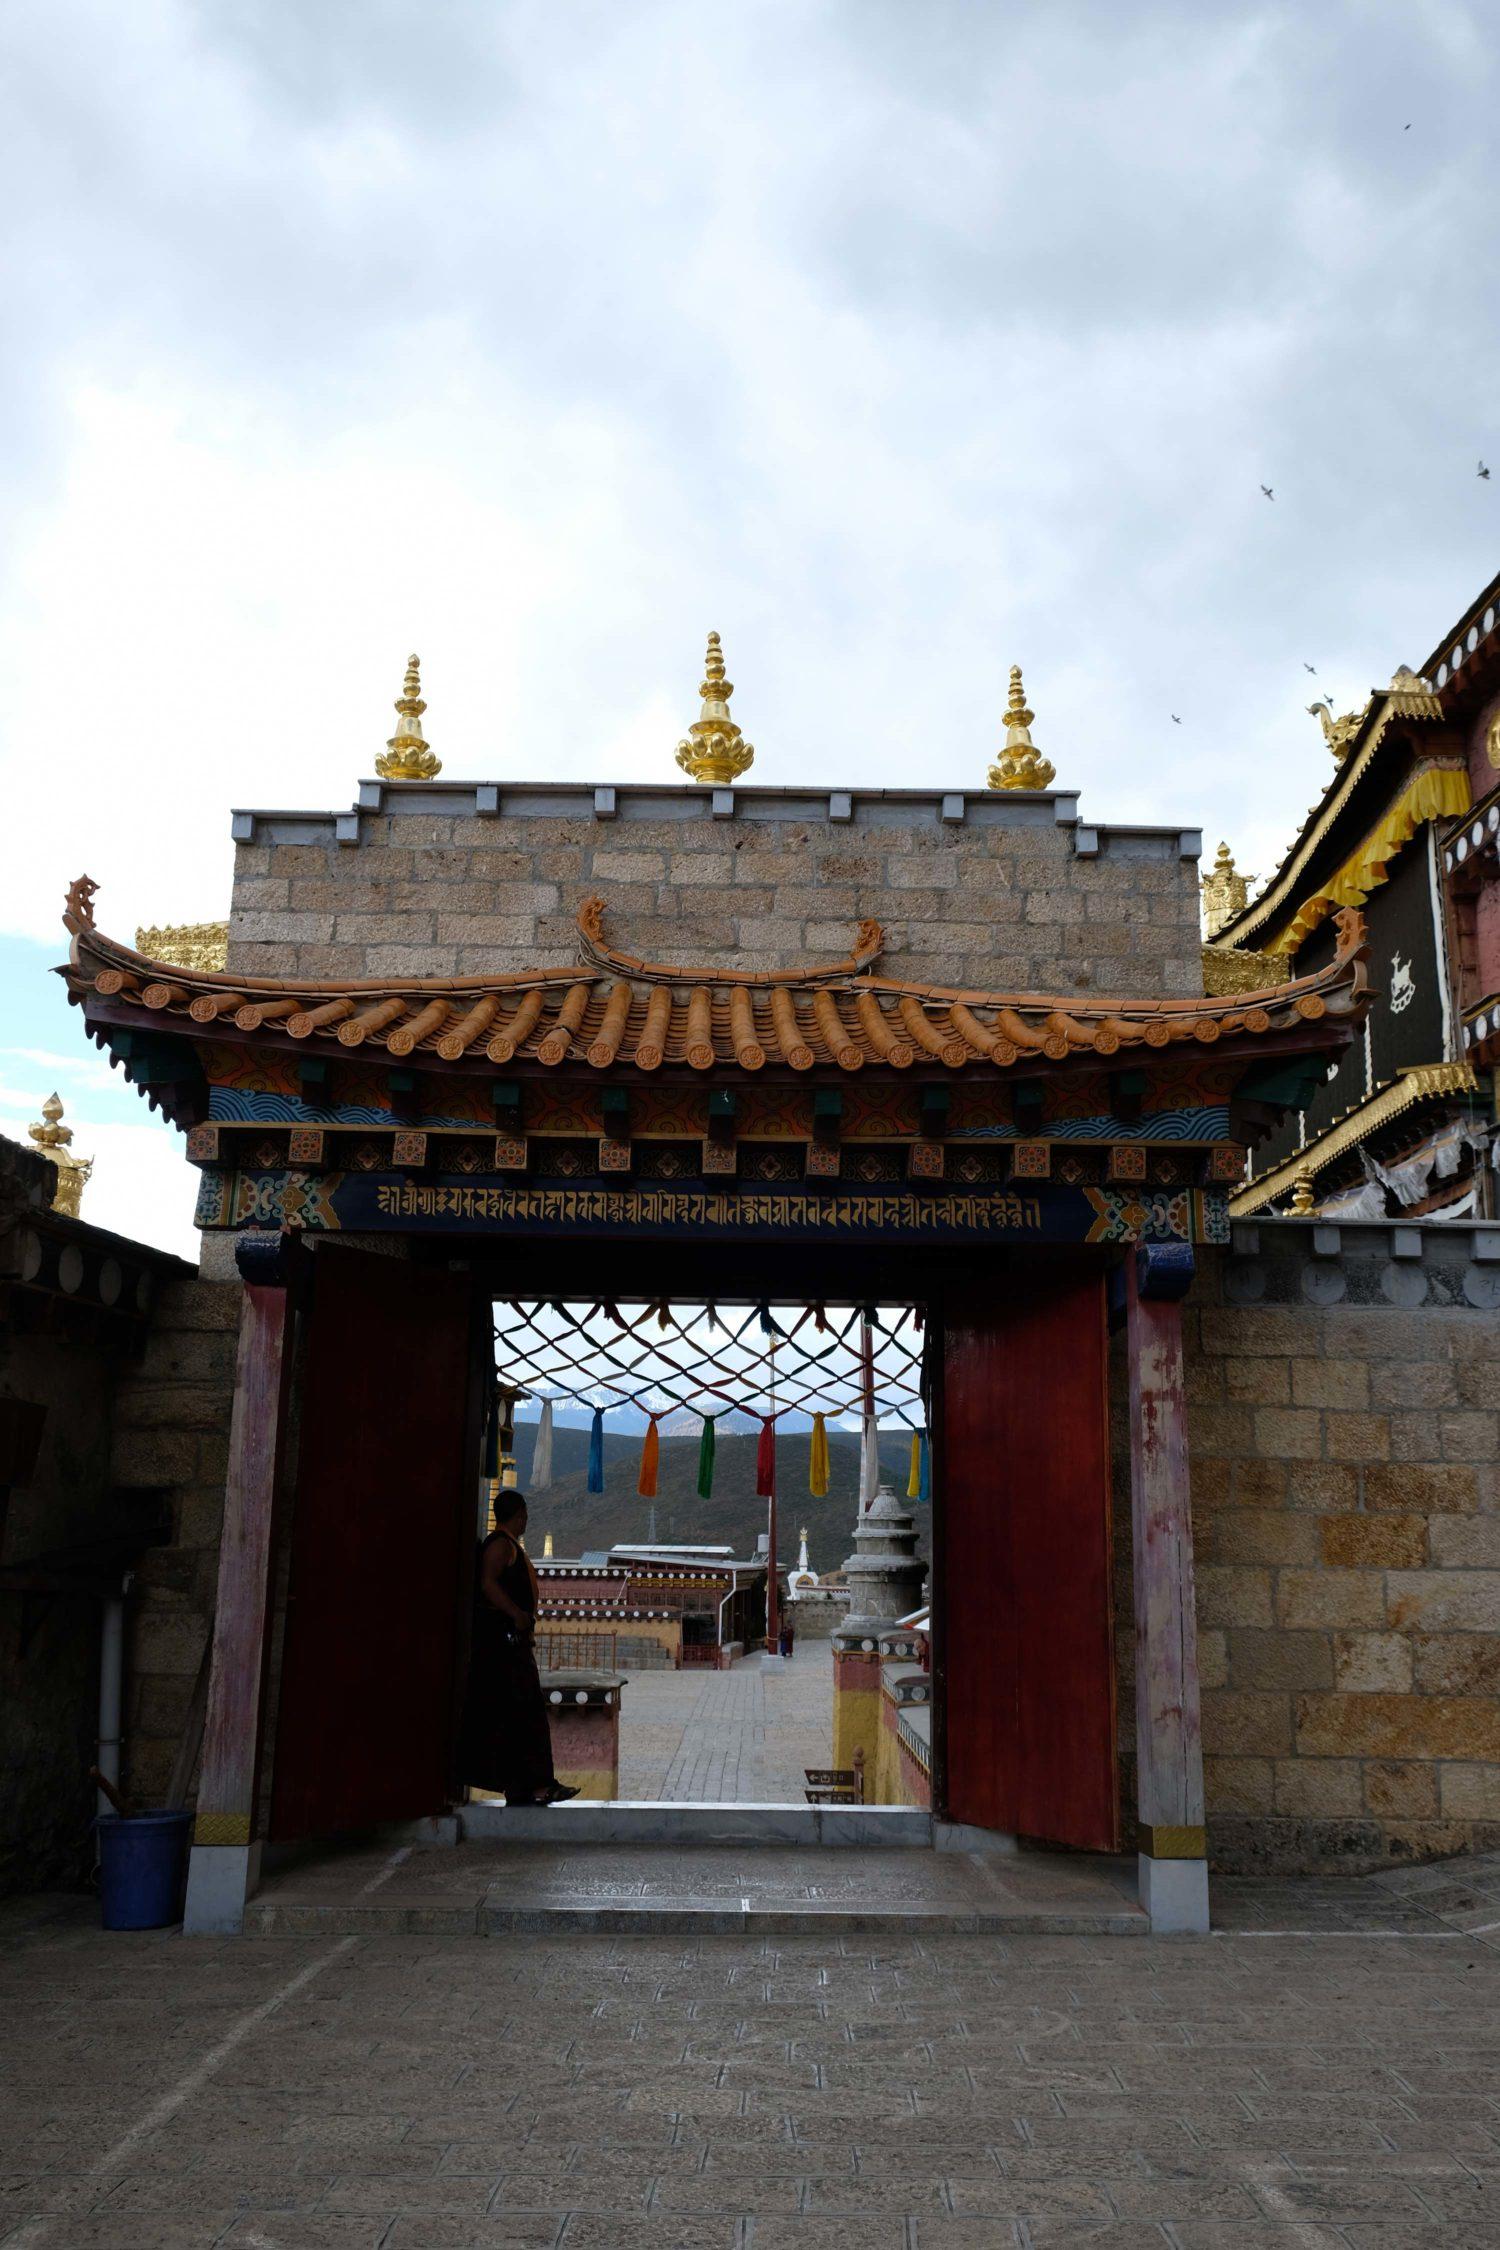 Shangri-La Songzanlin